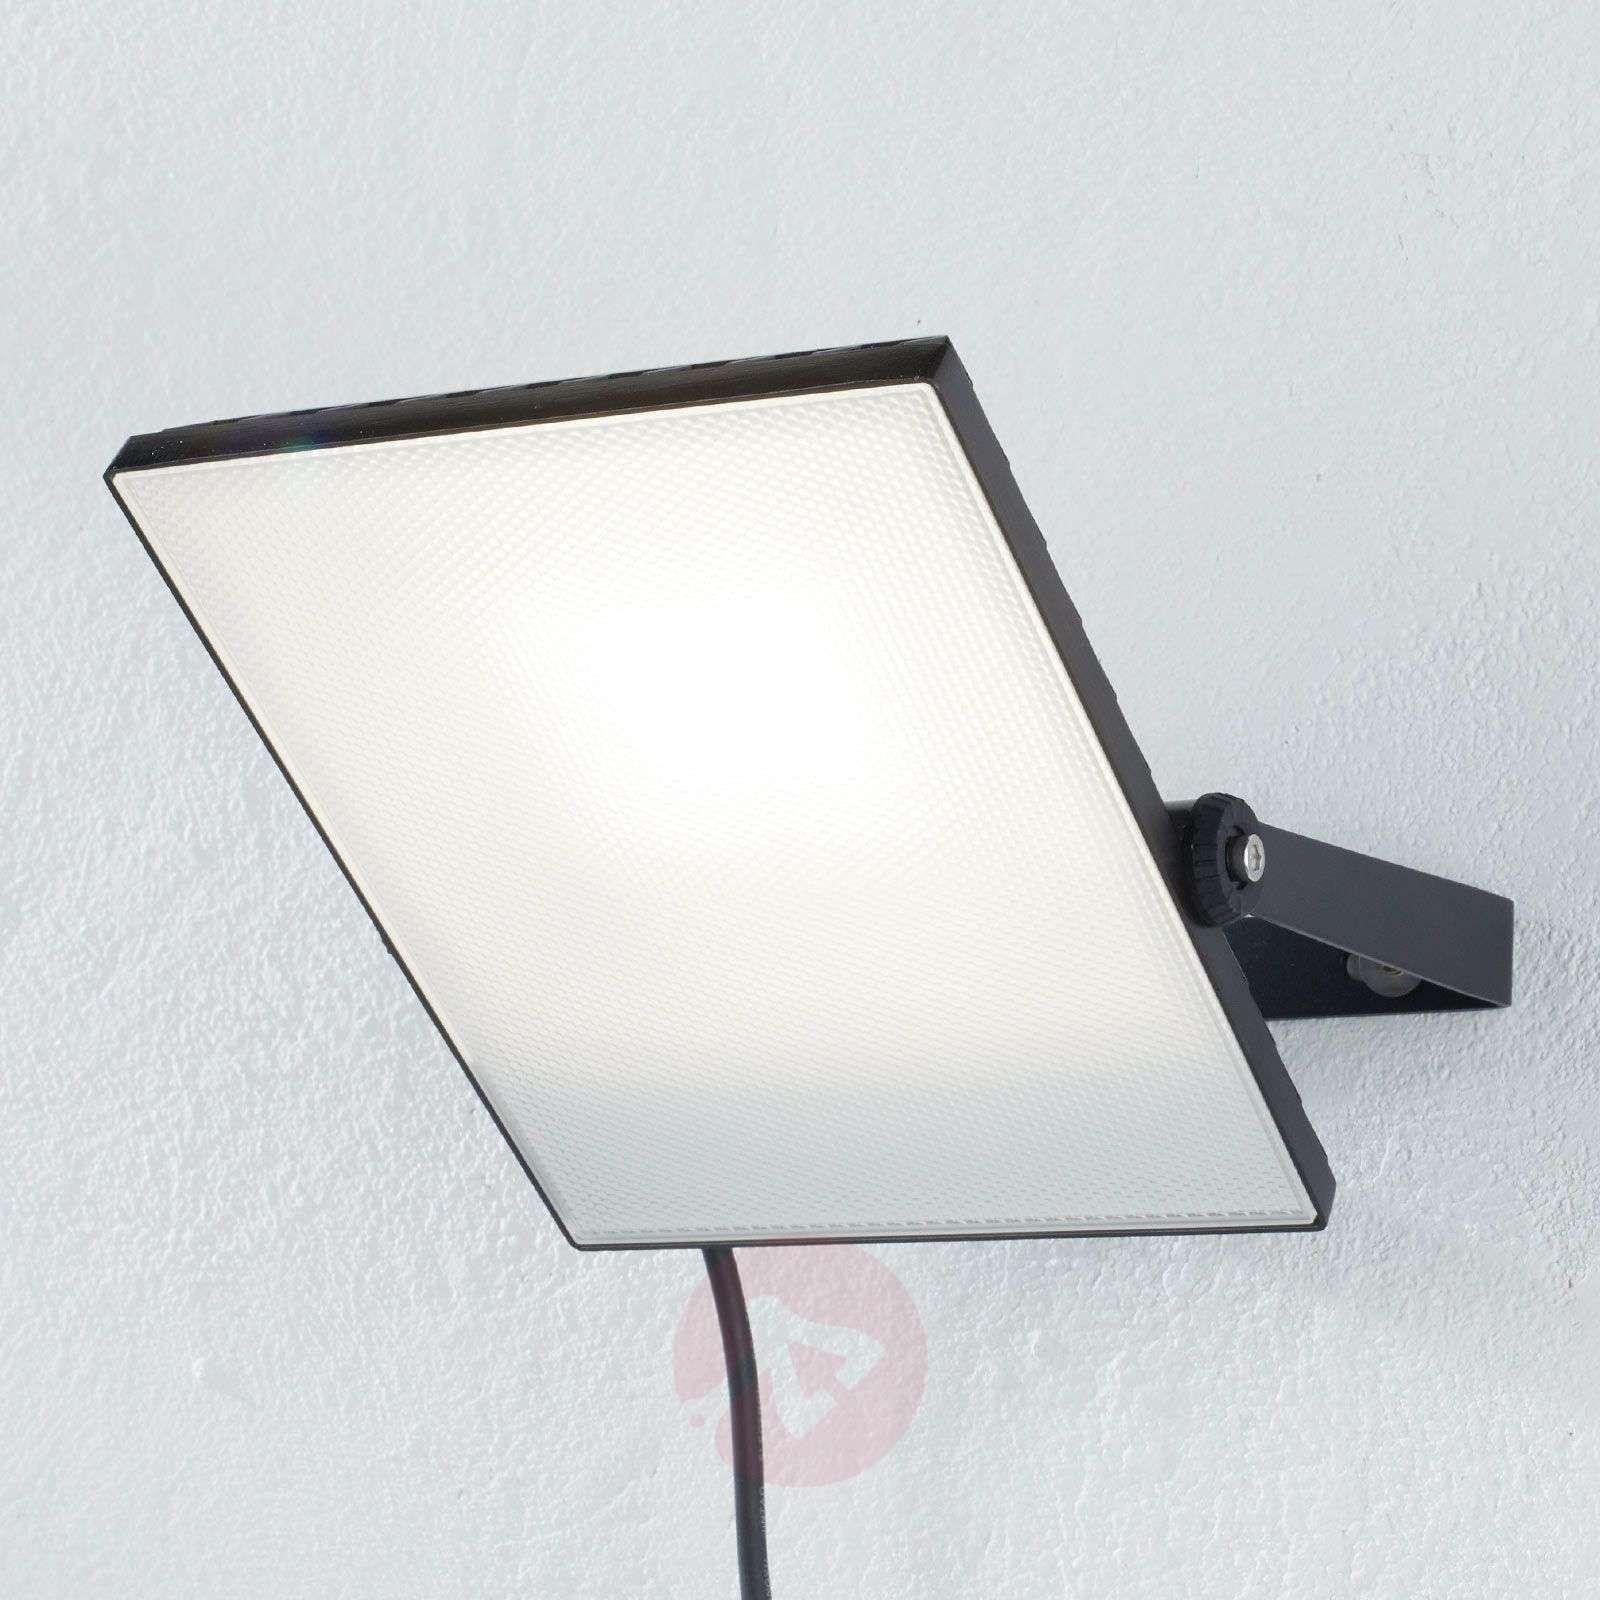 Reflektory Systemy Szynowe Lampy Wiszace Do Salonu Lampa Led Z Czujnikiem Ruchu Zewnetrzne Podlaczenie Reflektory Aquaform Reflektor Led Light Duracell